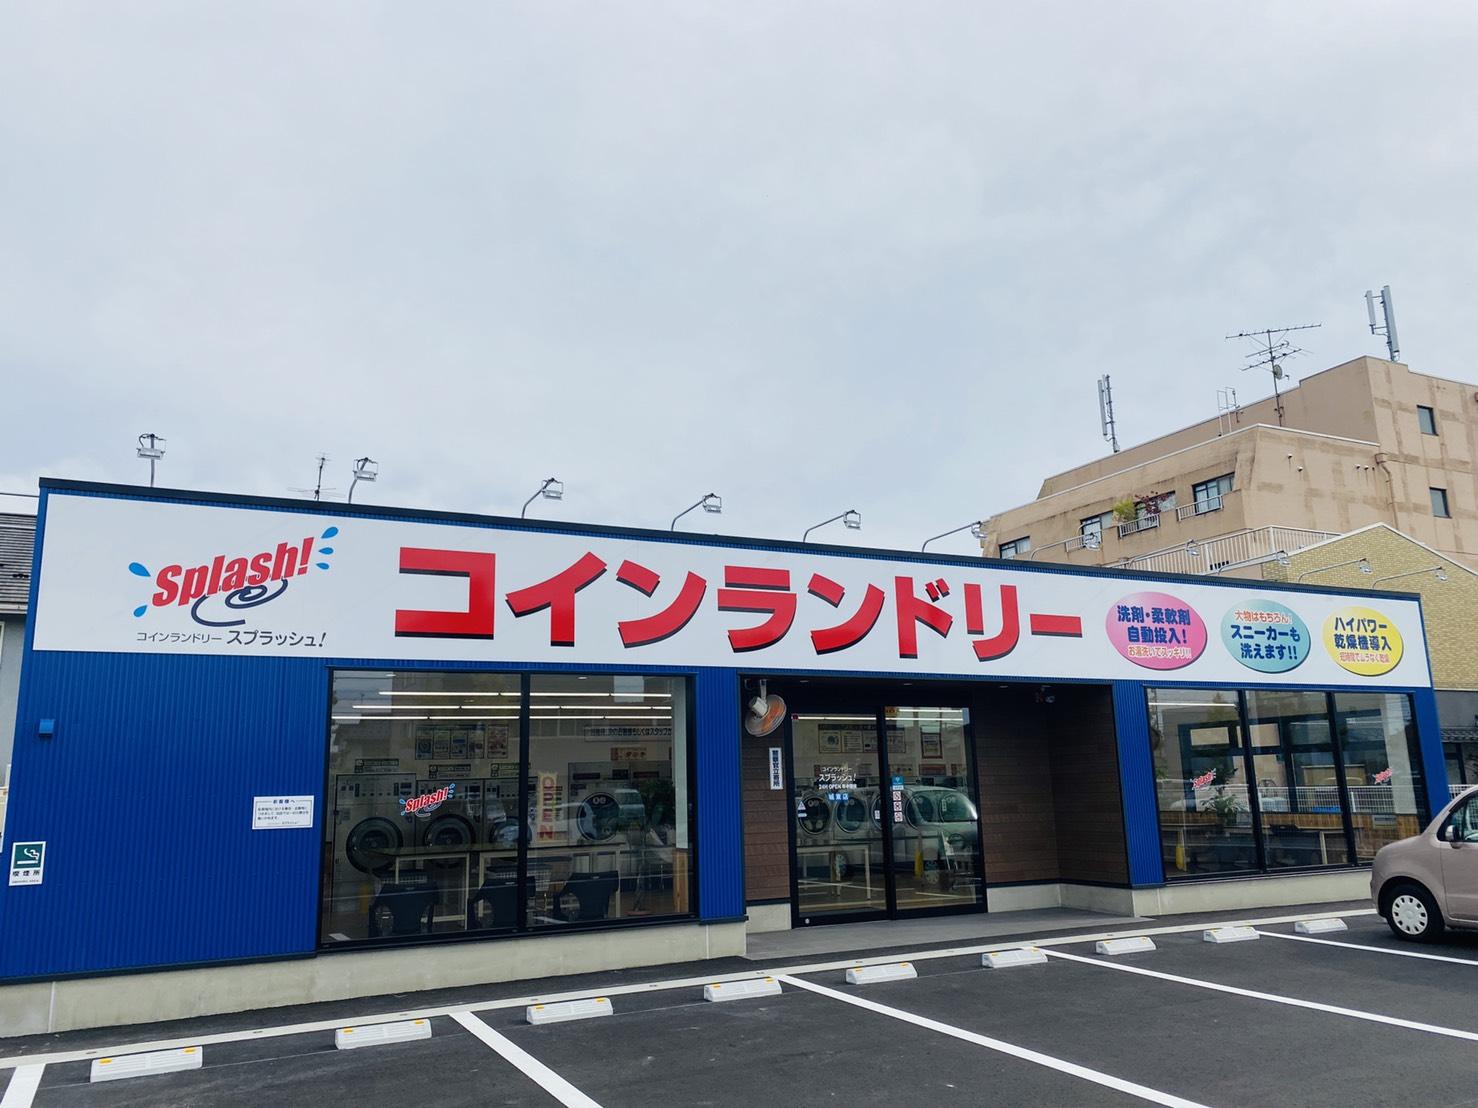 10月16日開店:スプラッシュ!城東店